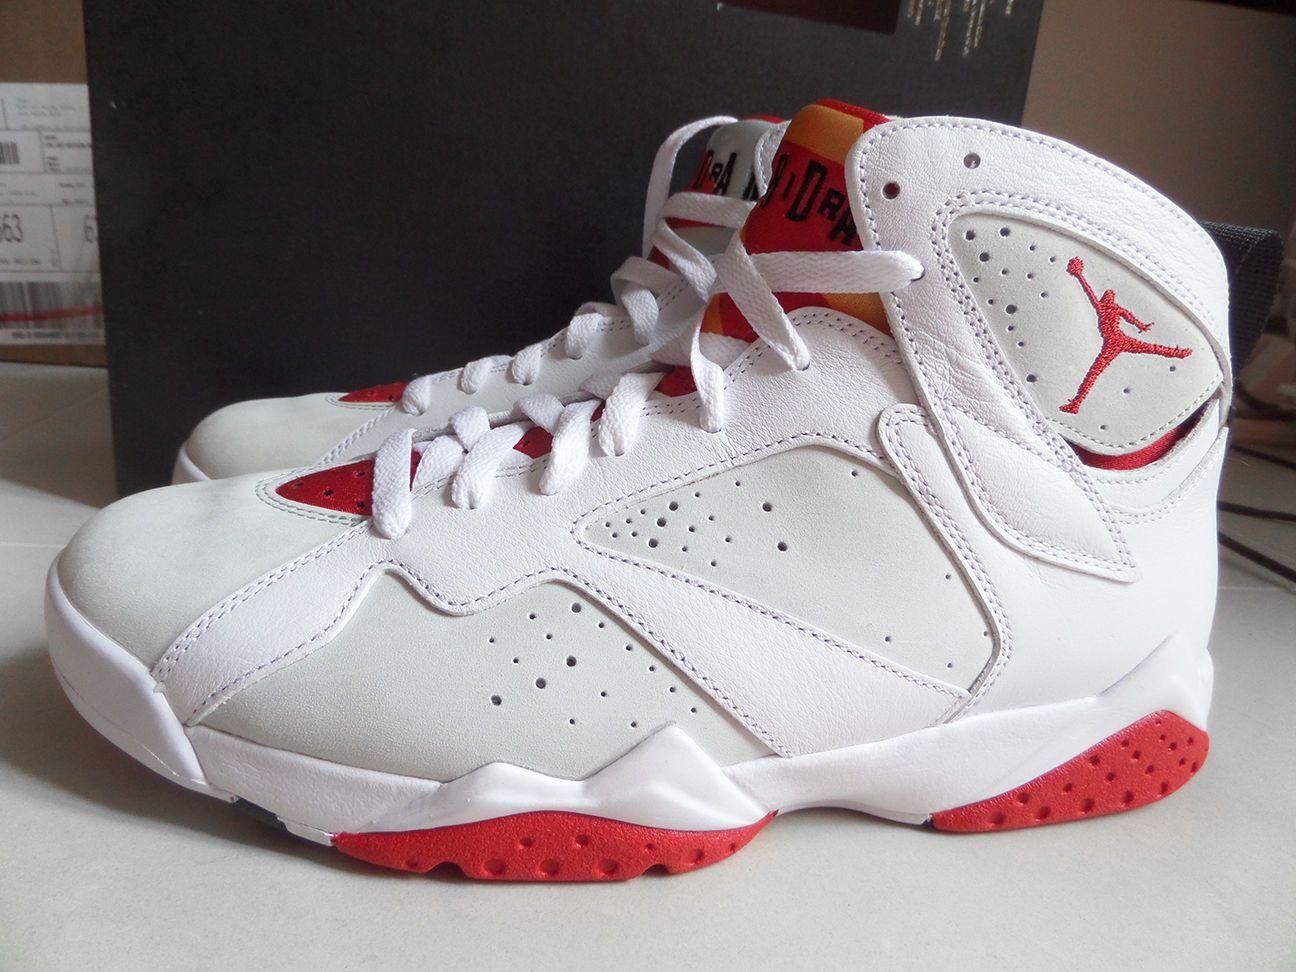 22af6f7f606f 100% Auth Nike Air Jordan VII 7 Retro Hare Bugs Bunny sz 9  304775-125